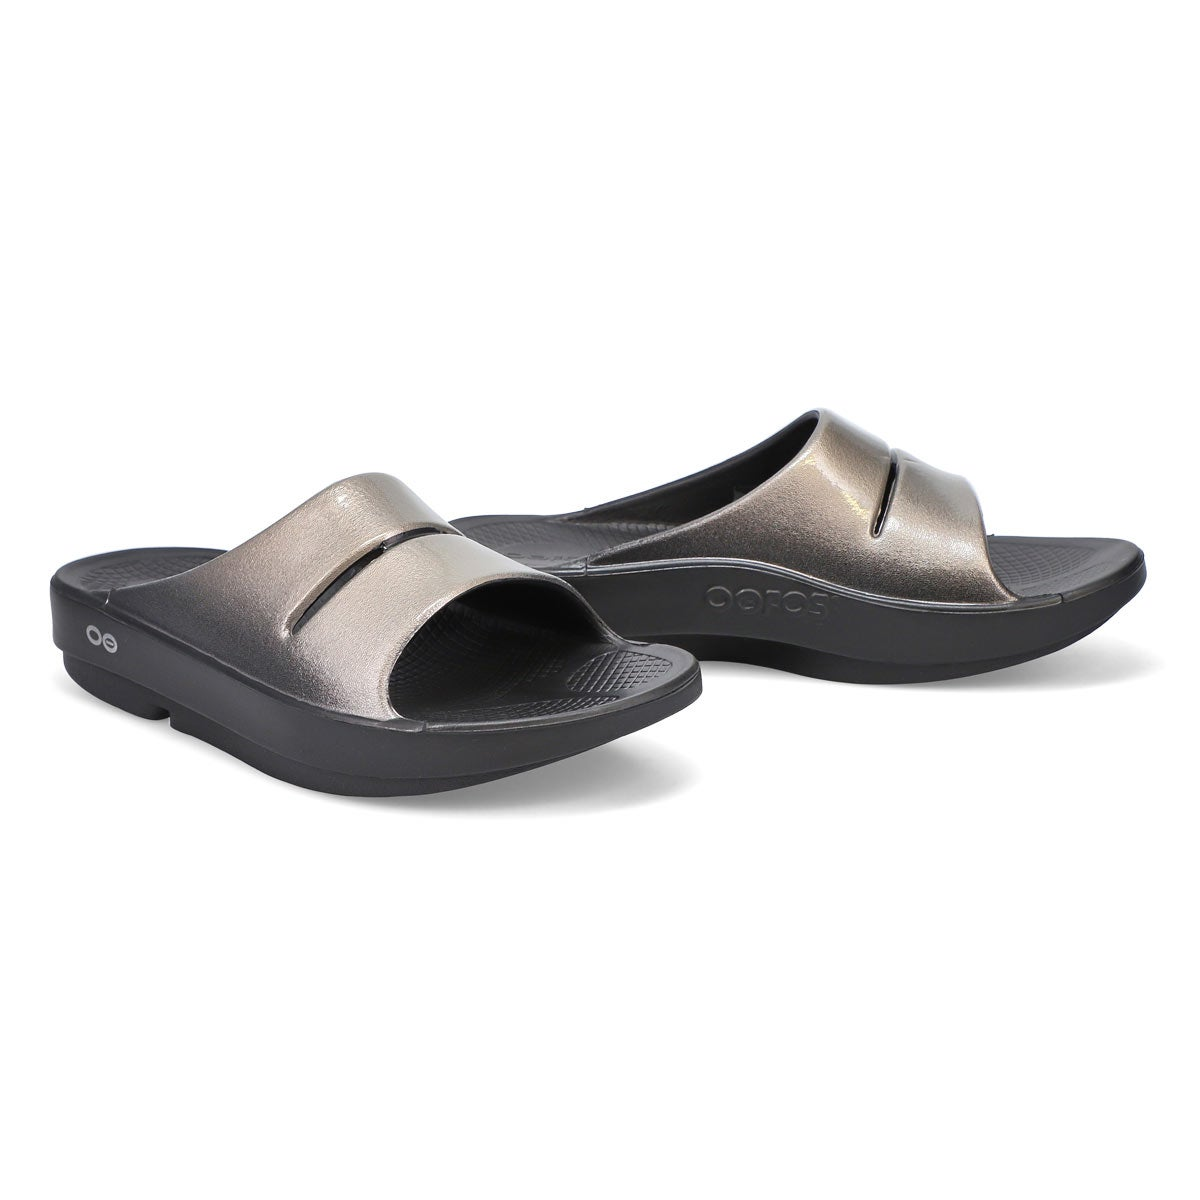 Women's Ooahh Luxe Sandal - Latte